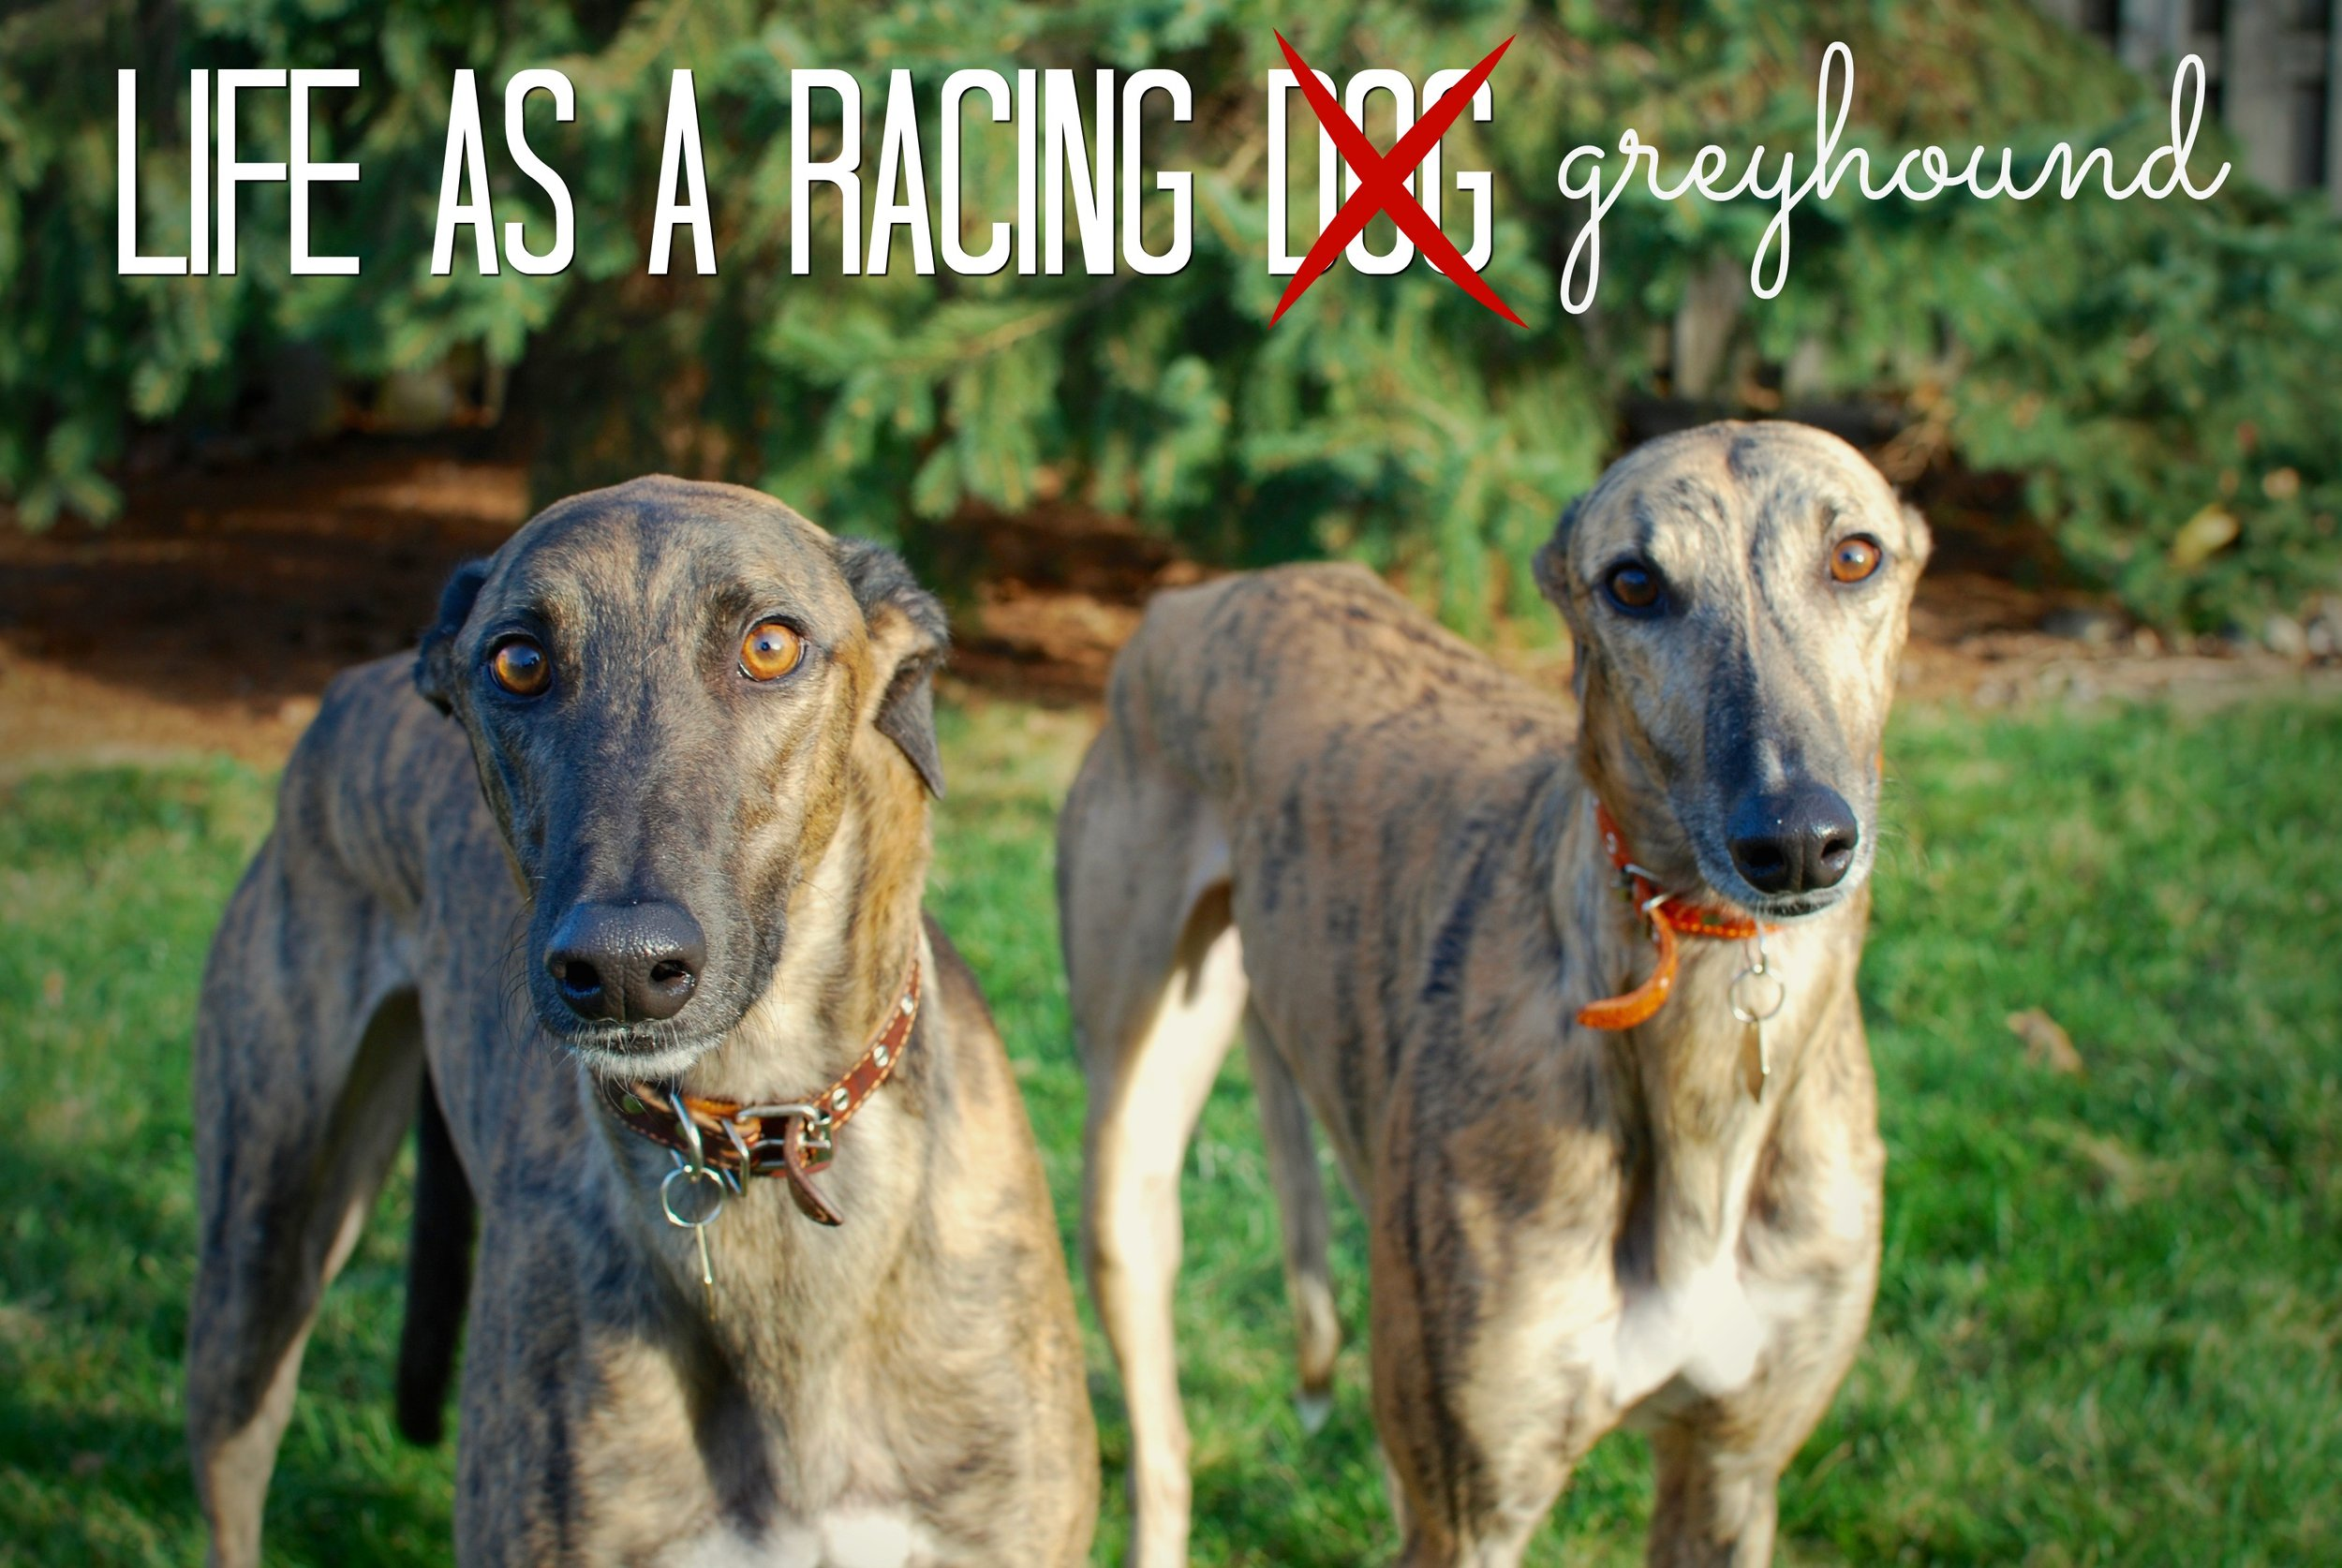 life-as-a-racing-dog-_-pin.jpg